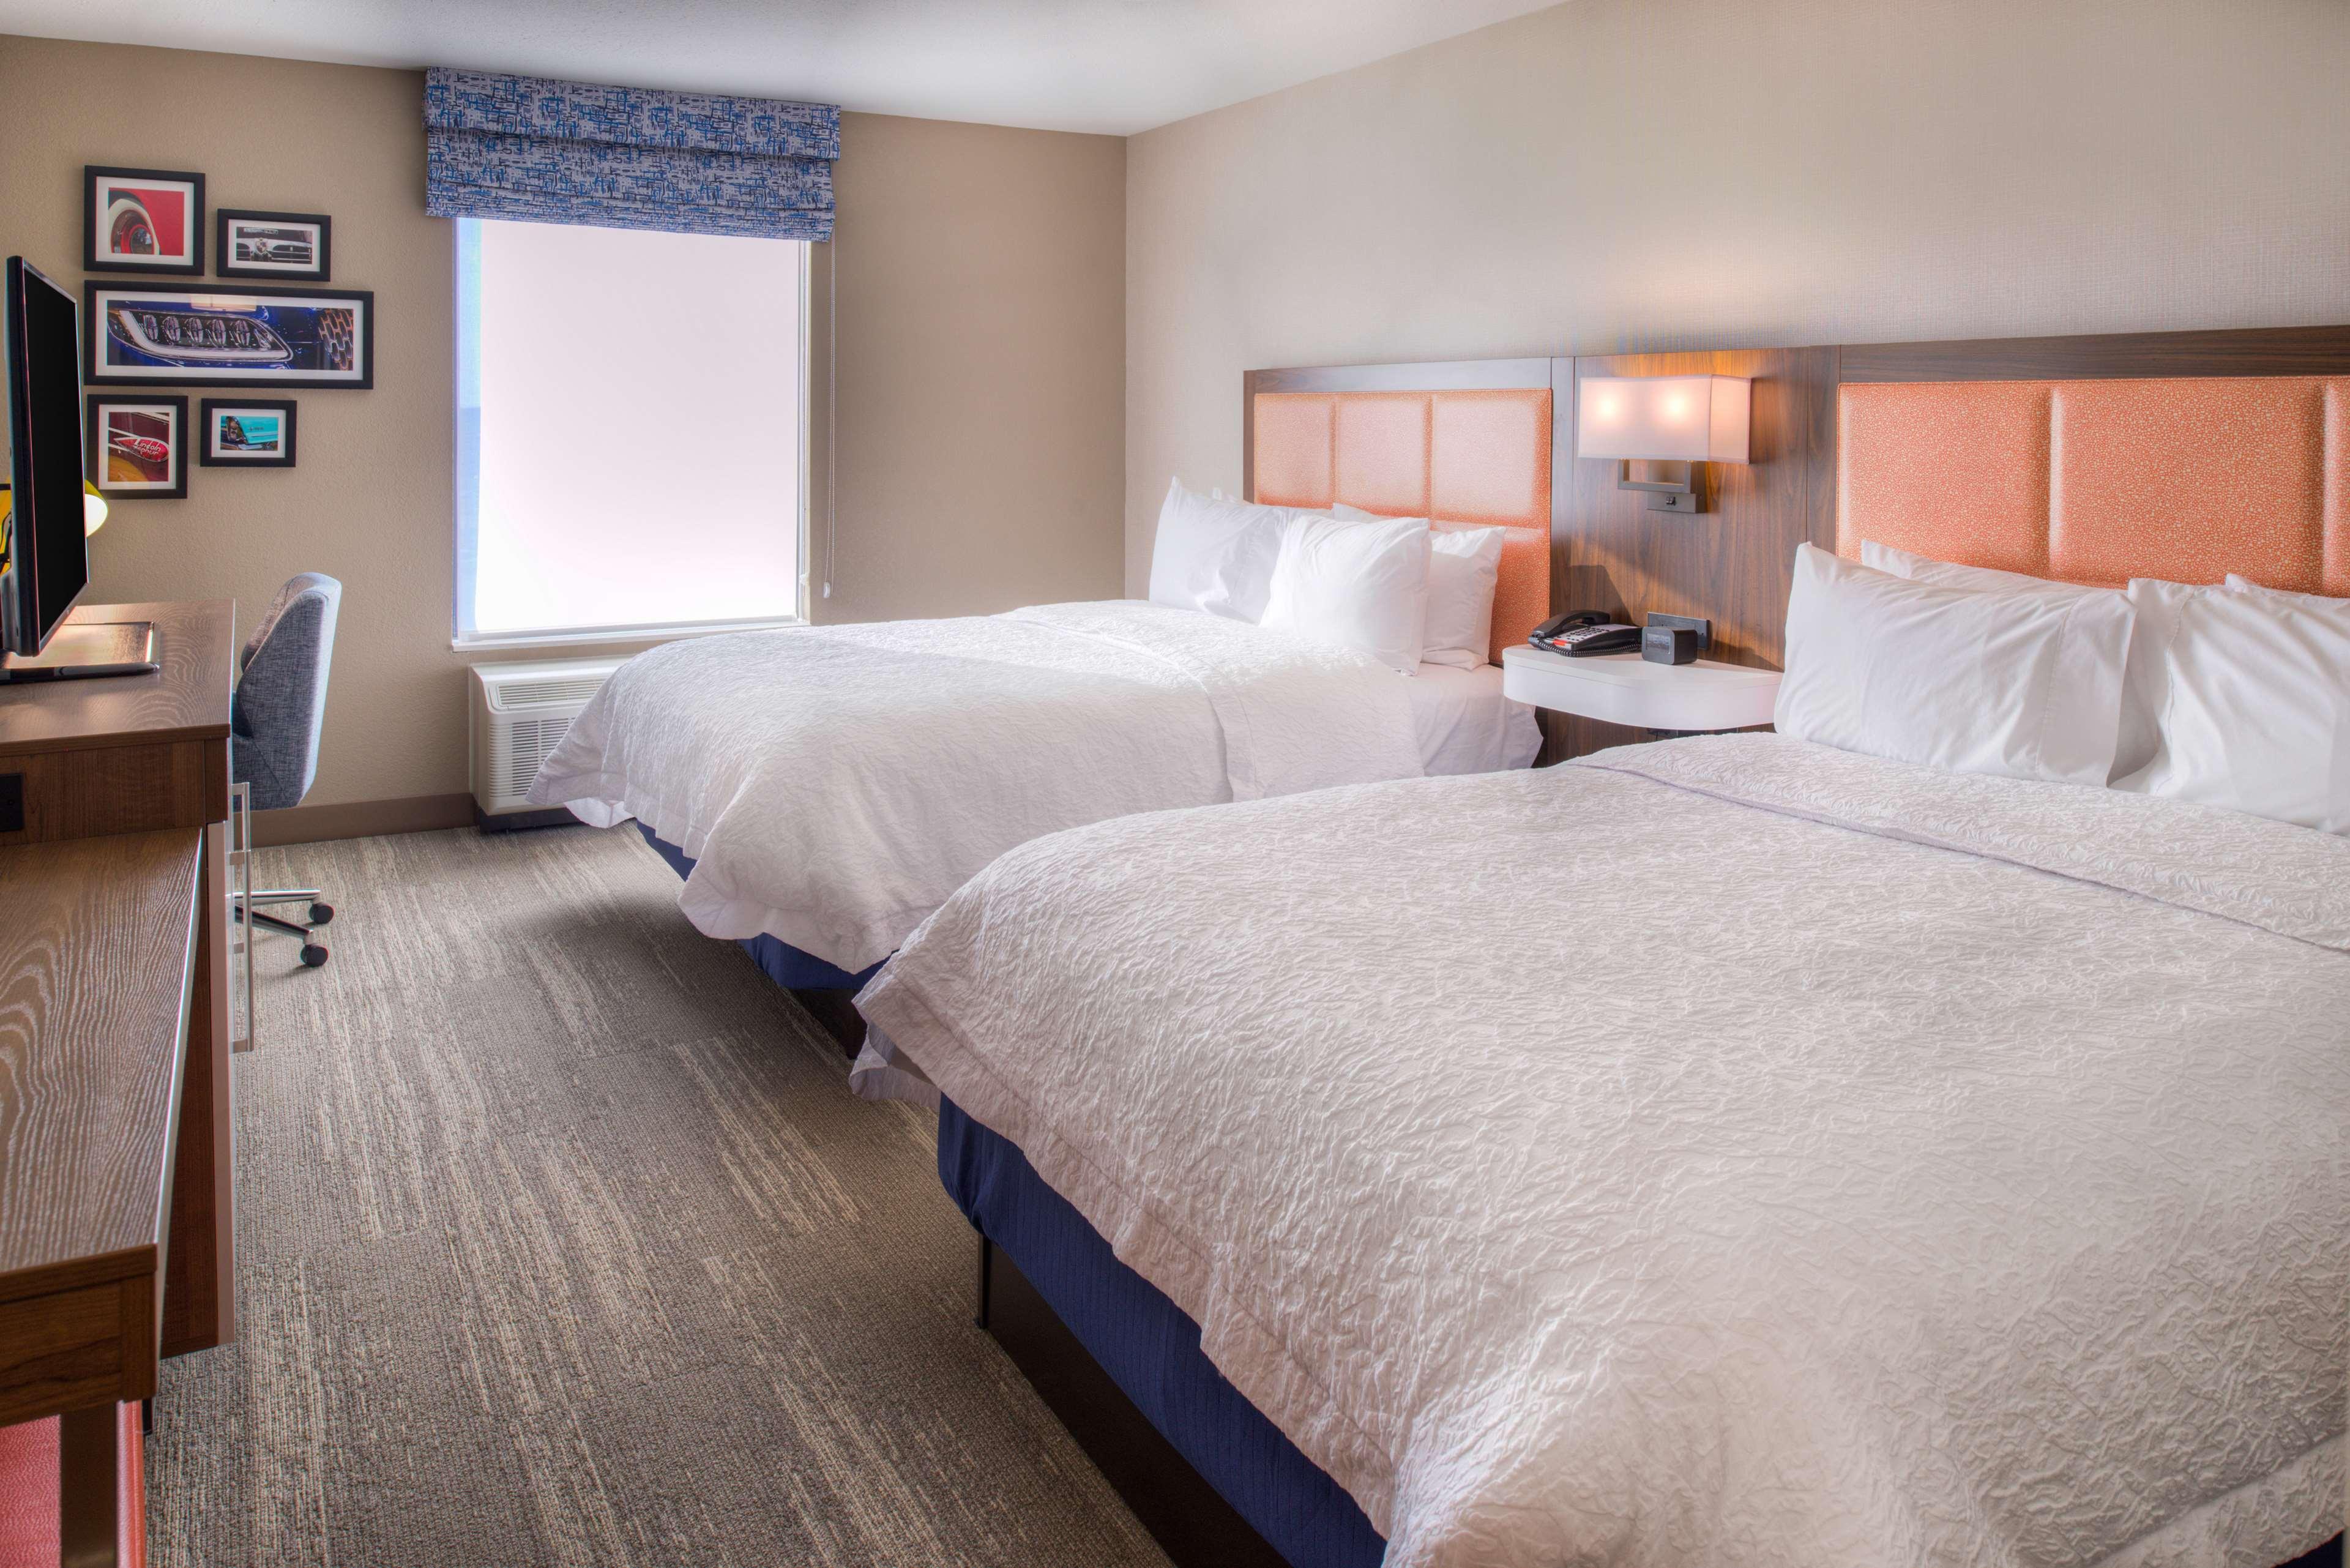 Hampton Inn & Suites Wixom